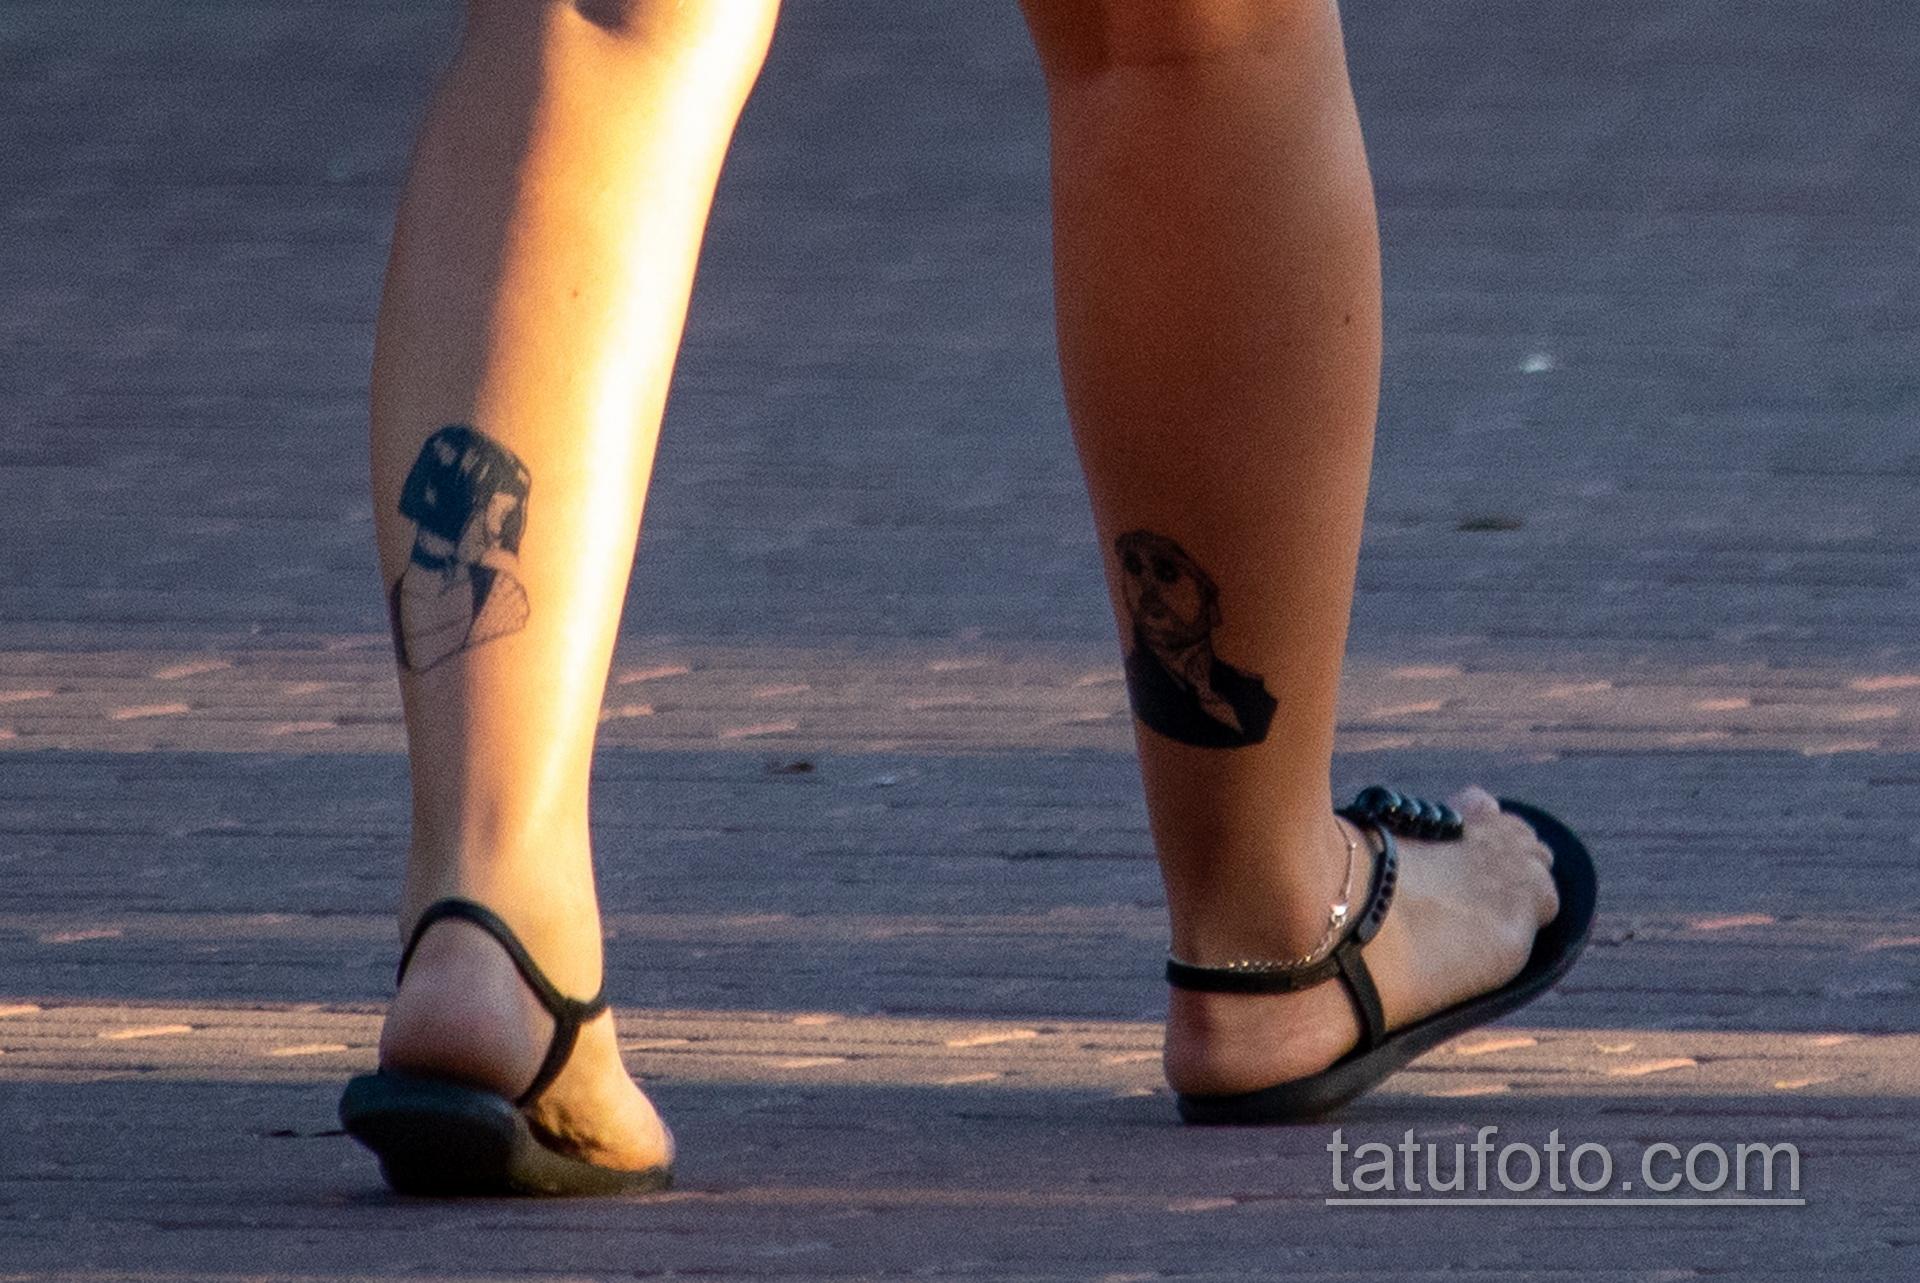 Тату из фильма Лион Киллер – девочка и мужчина на ноге у девушки - Уличная татуировка 14.09.2020 – tatufoto.com 5